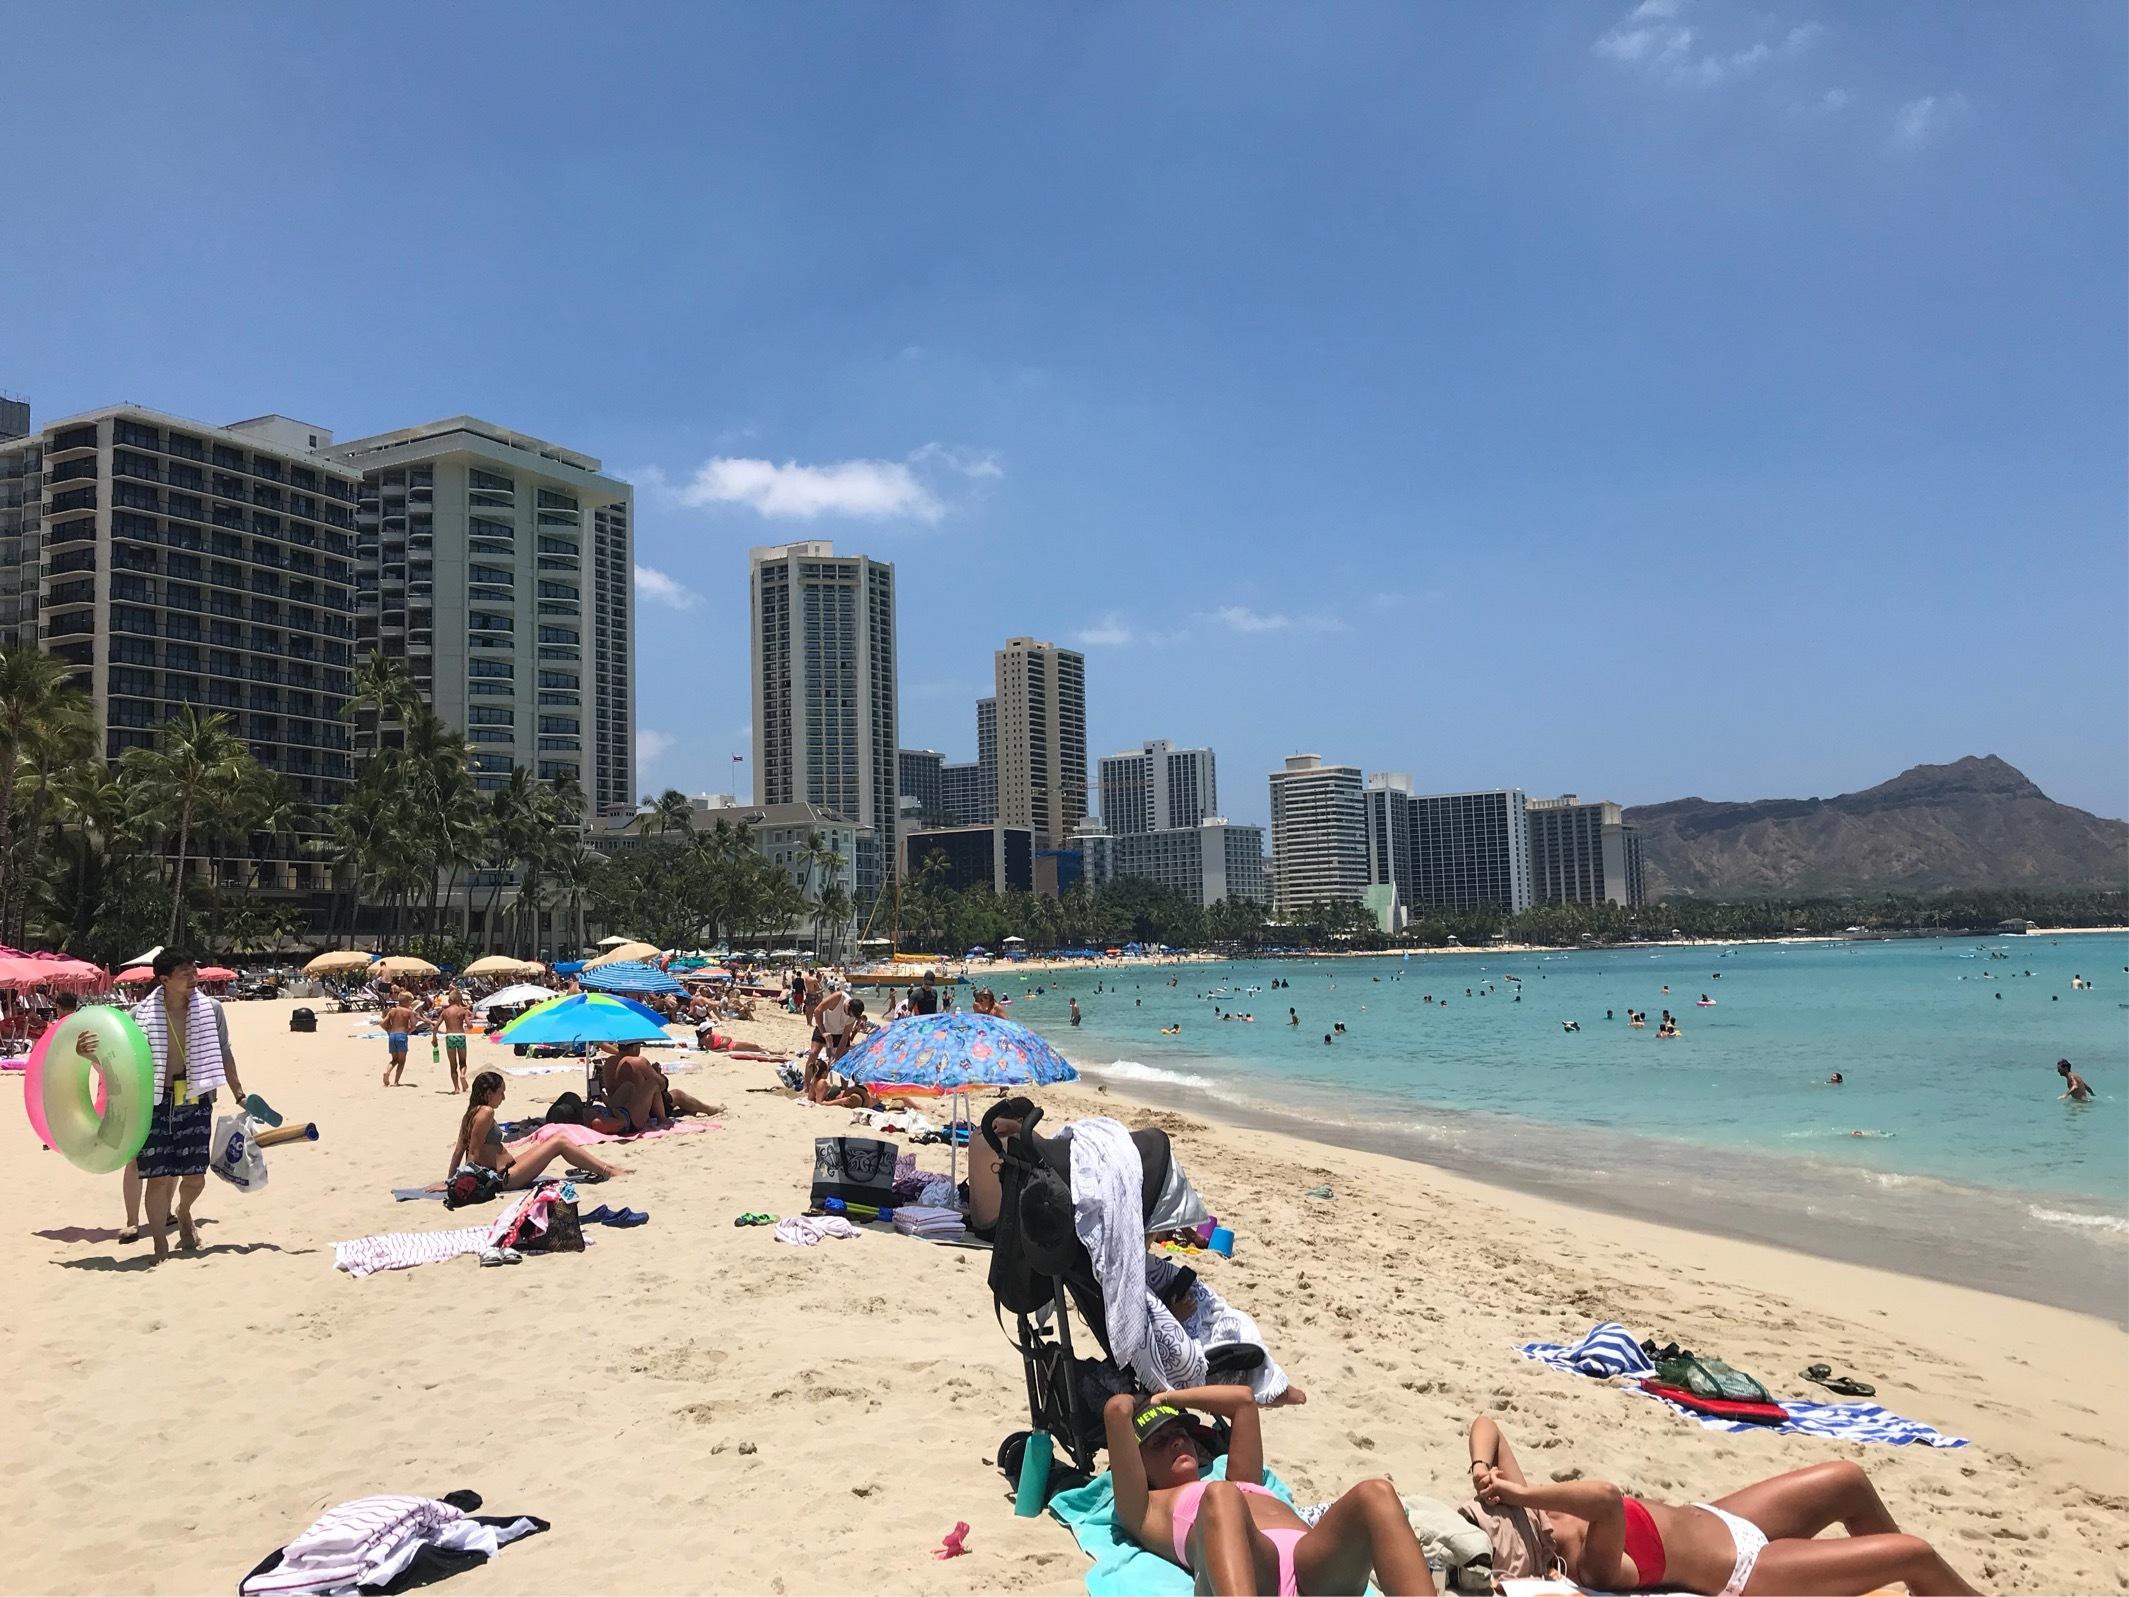 ワイキキビーチは変わらずカラフルなパラソルでいっぱい!